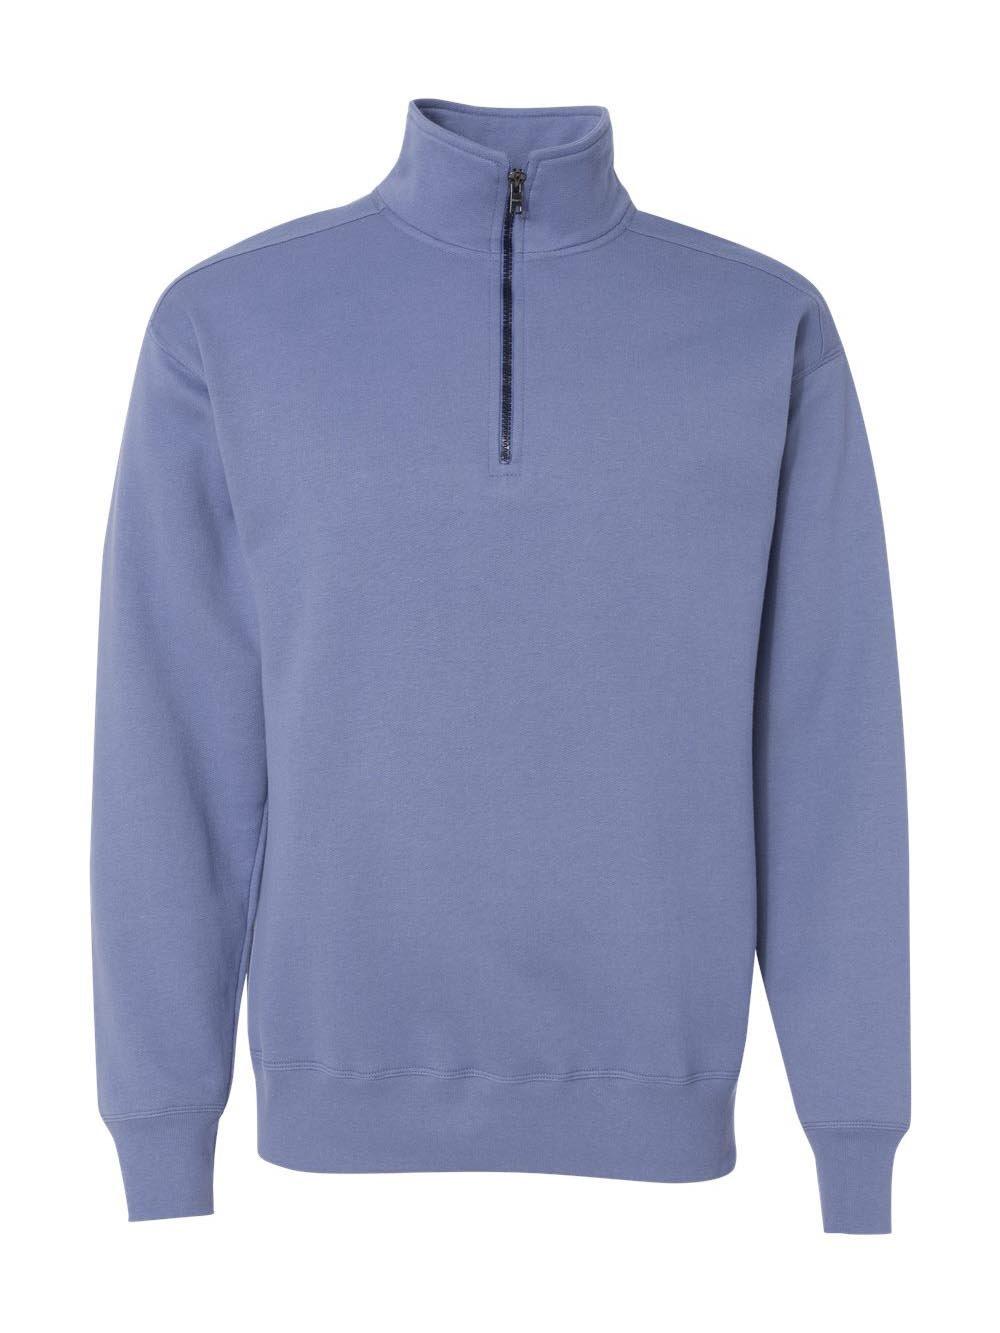 Hanes Men's Nano Quarter Zip Fleece Jacket, Vintage Denim, X-Large